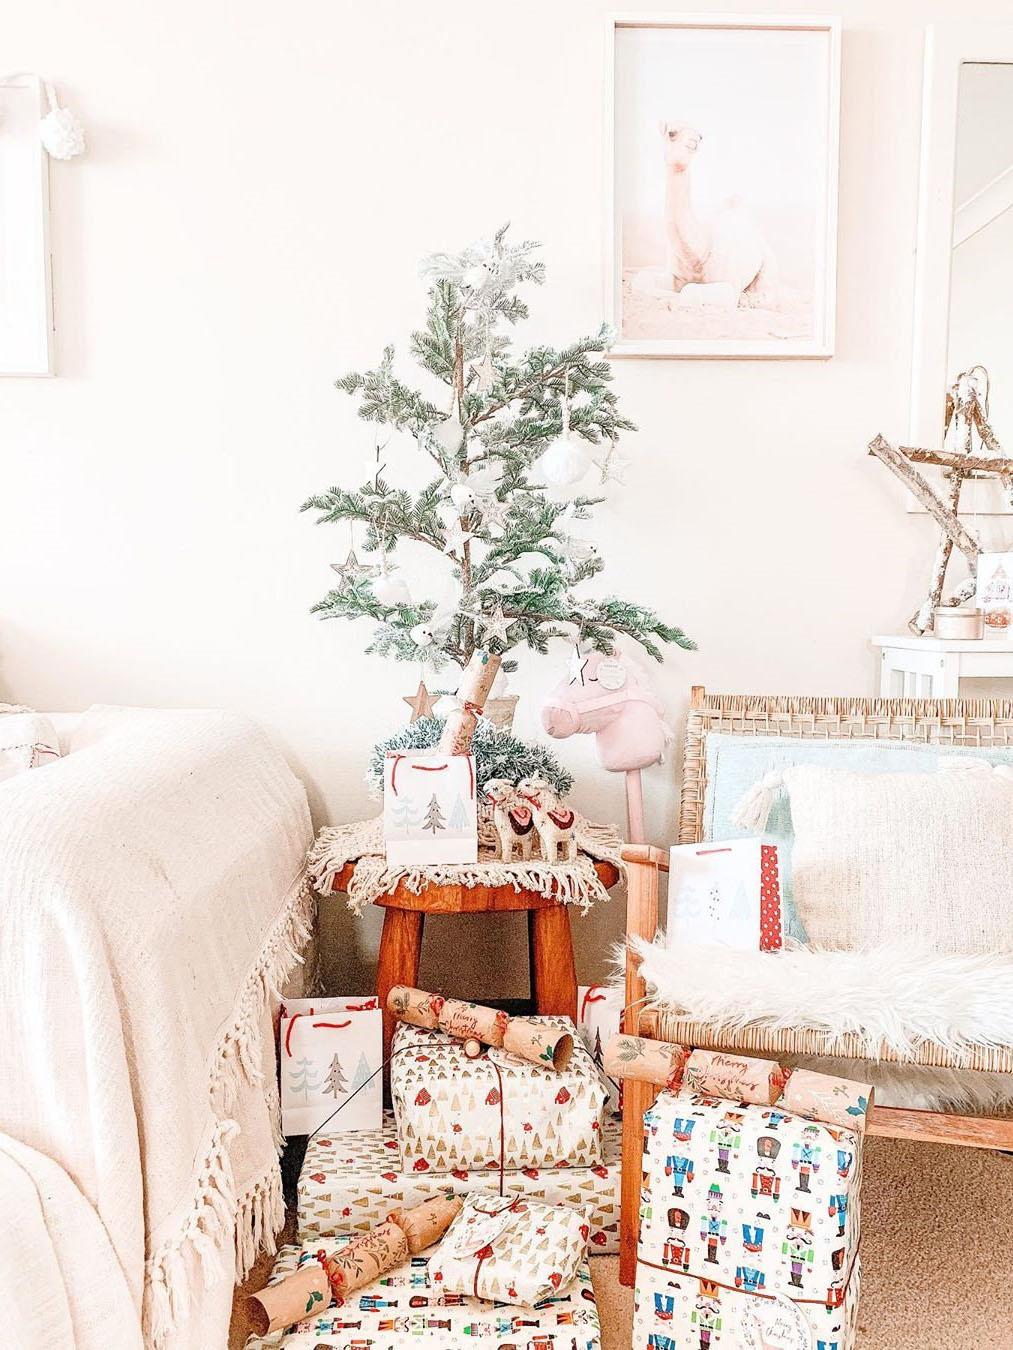 100 Gorgeous Christmas Tree Decoration Ideas, Christmas Tree, christmas tree ideas, christmas tree decor, christmas tree decorations, christmas tree ideas decorating simple, christmas tree themes